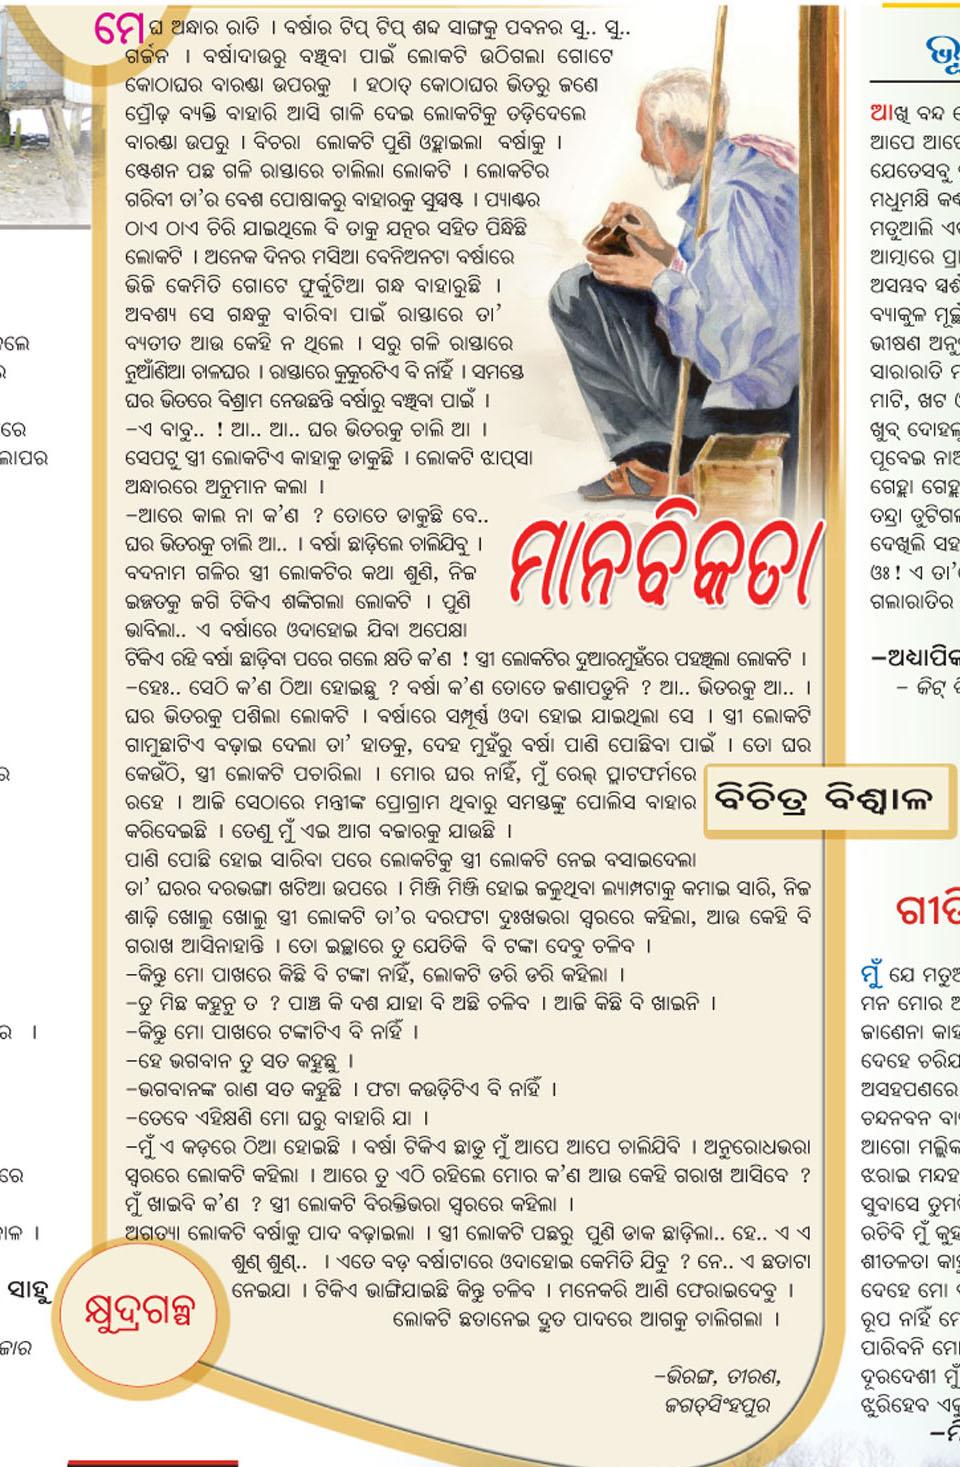 Bichitra Biswal: 2011